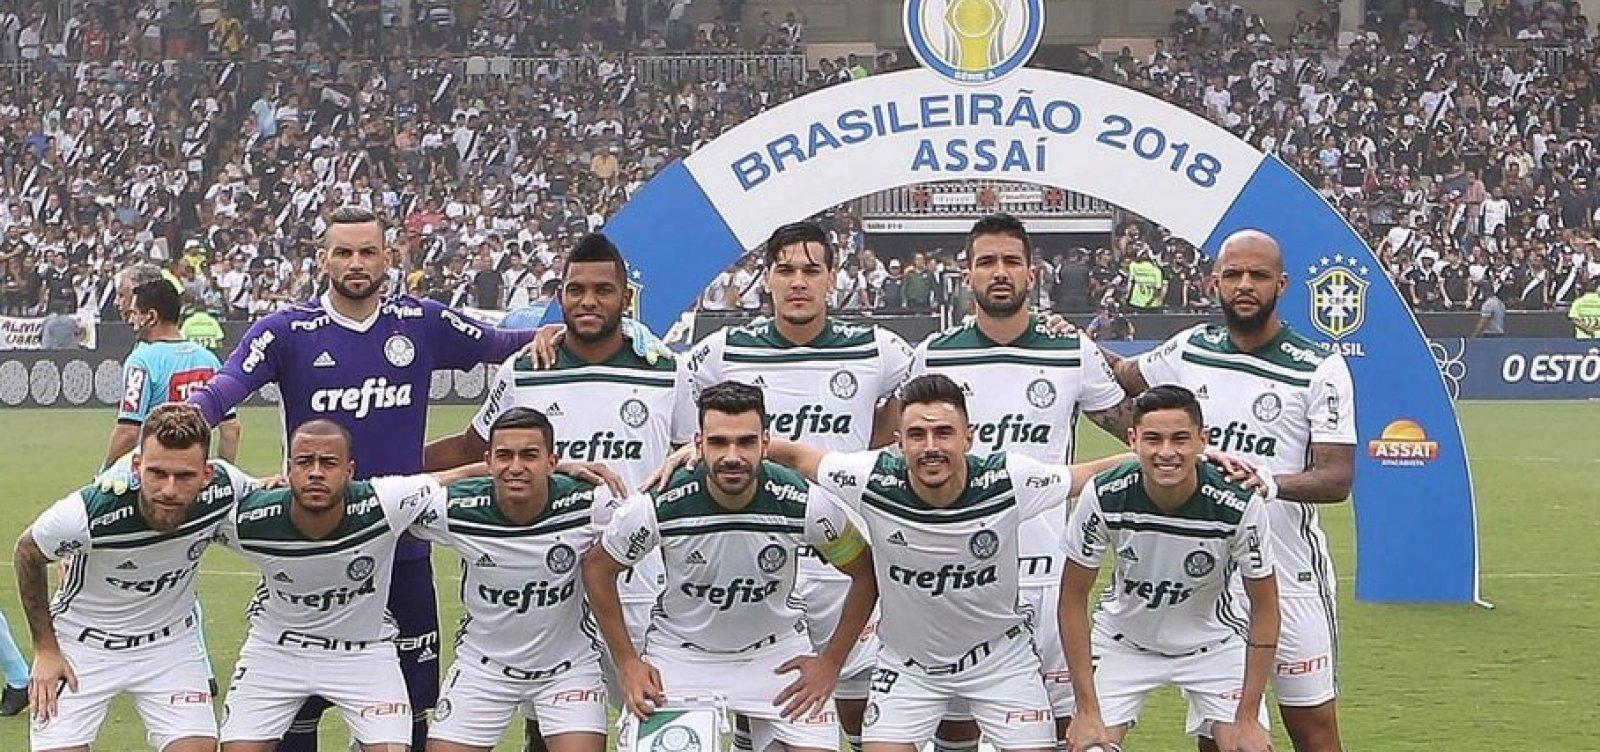 [Palmeiras vence Brasileirão 2018]